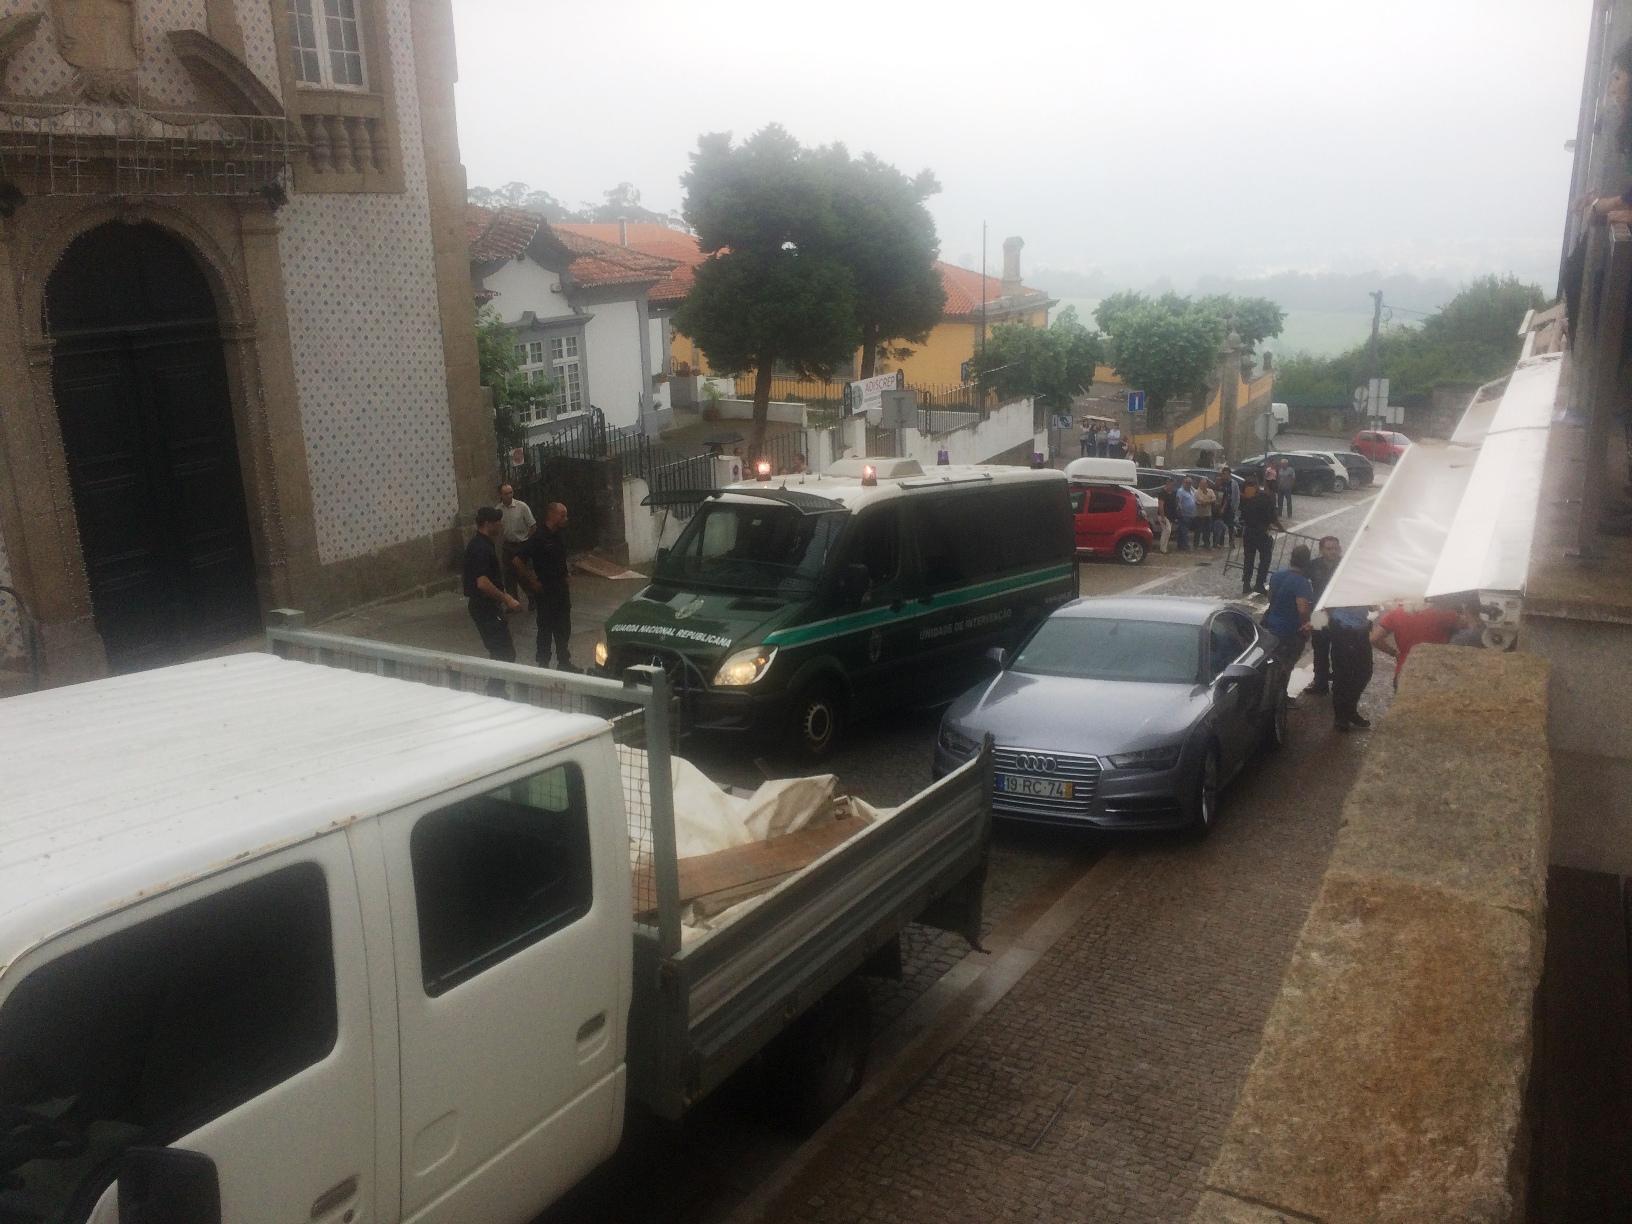 Perseguição policial após tentativa de assalto no centro de Penafiel